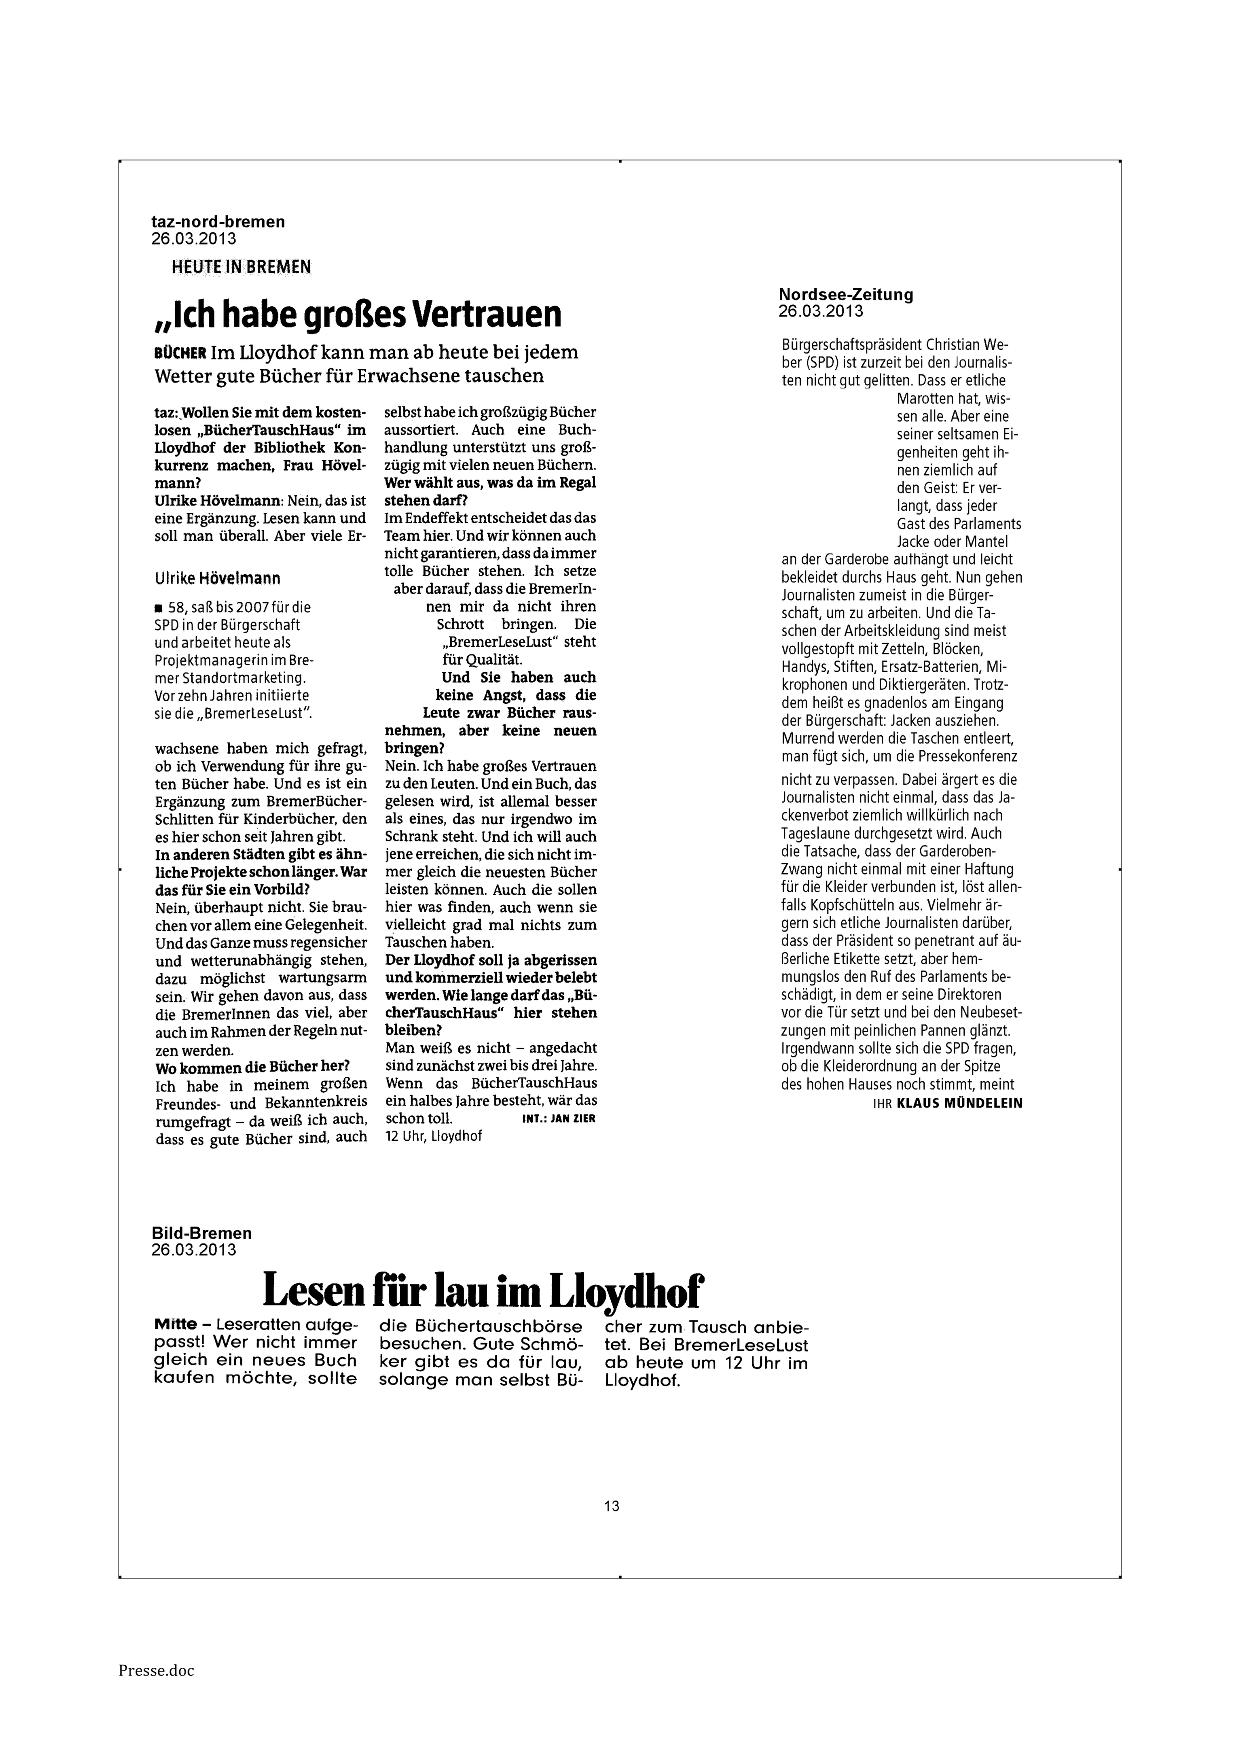 Archiv_BremerLeseLust_Buechertauschhaus_Presse